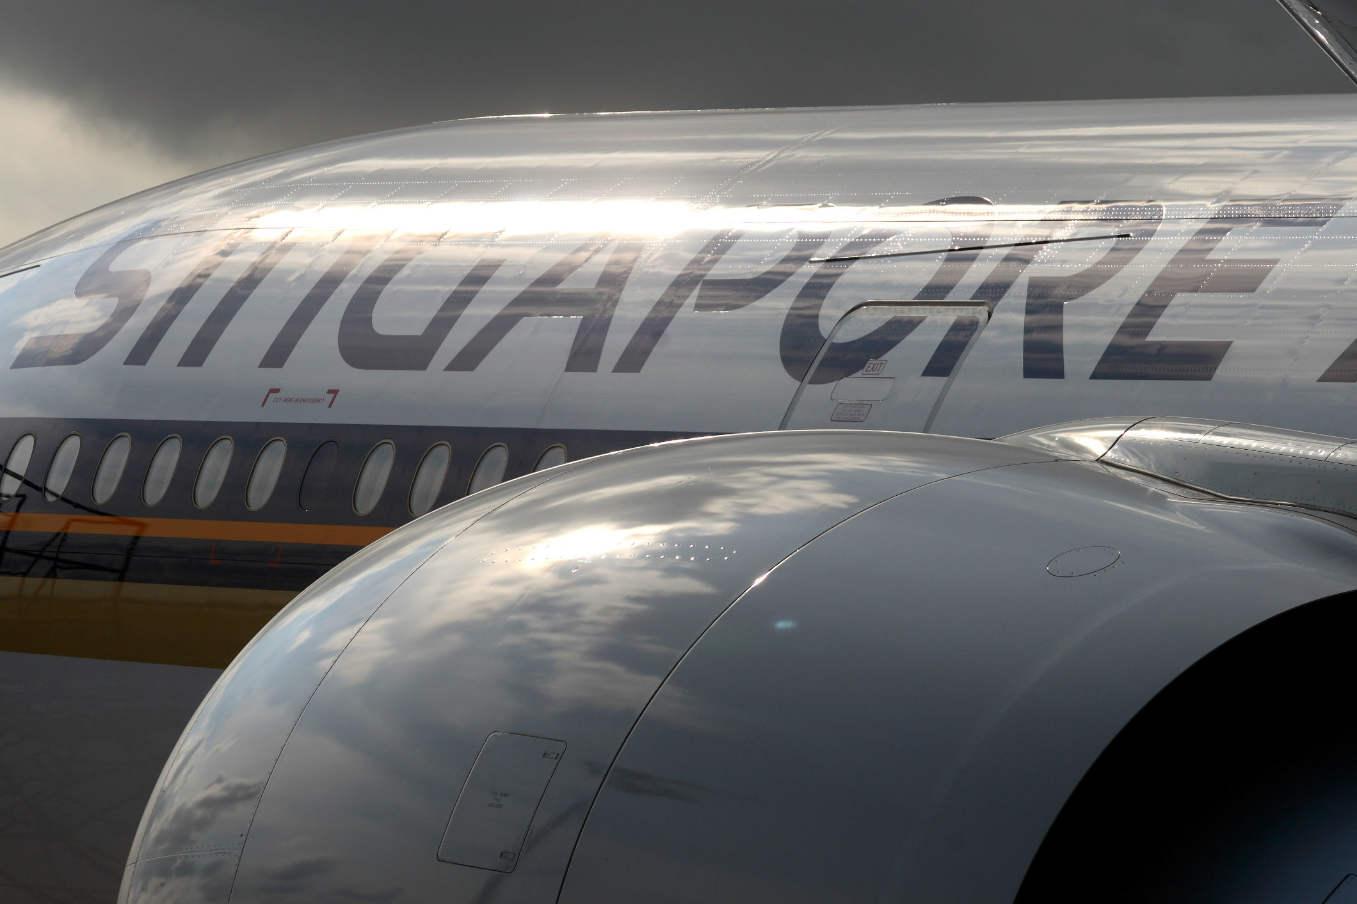 Excellente année pour Singapore Airlines